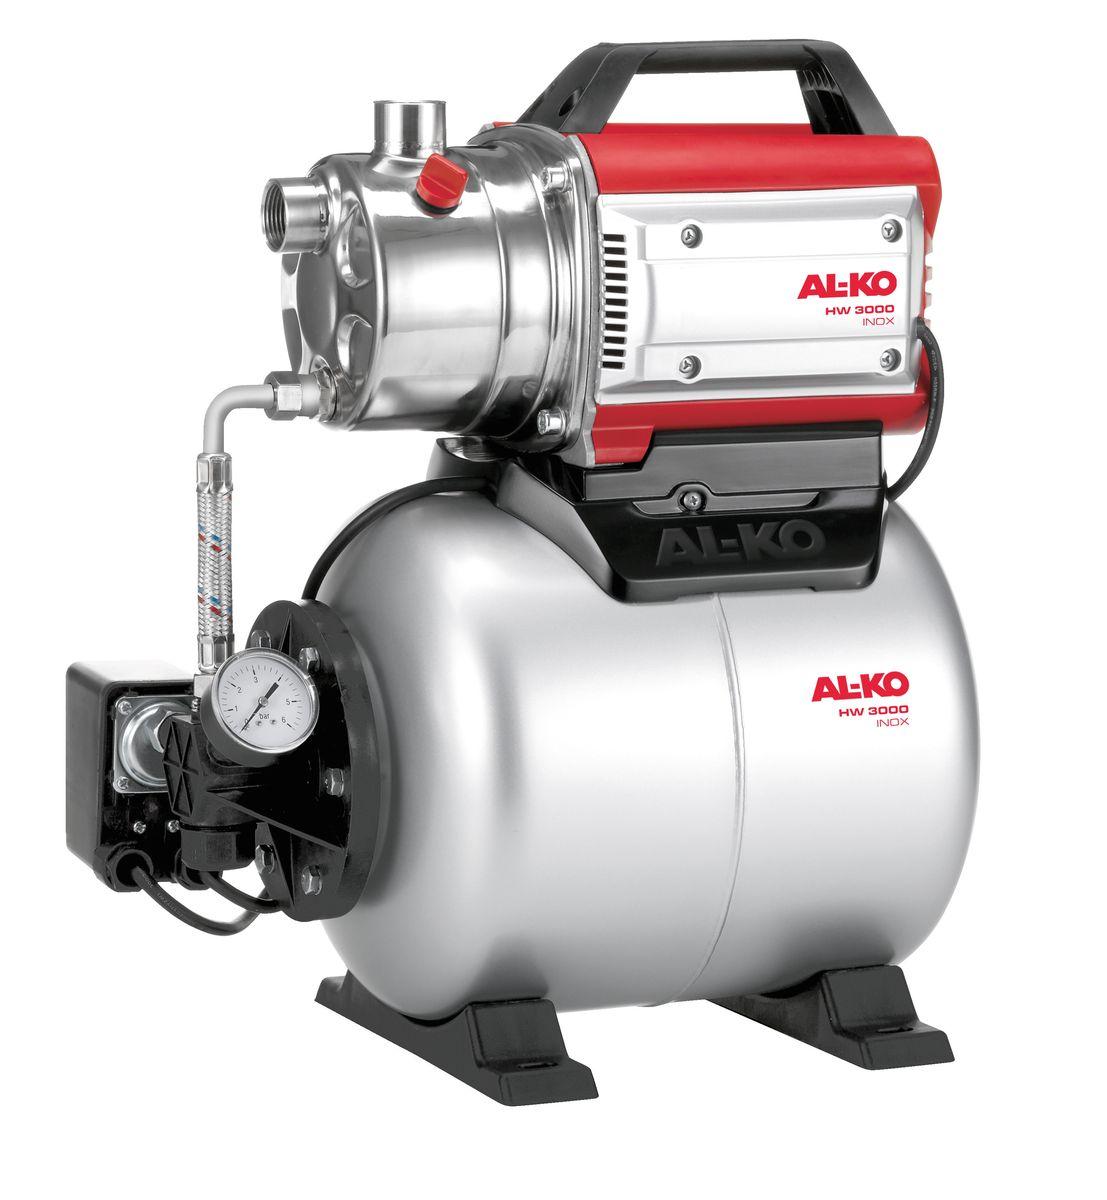 Станция насосная AL-KO HW 3000 Inox Classic112846Насосная станция AL-KO HW 3000 Inox Classic очень легко вводится в эксплуатацию. Она надежна в работе, имеет низкий уровень шума. Корпус выполнен из высококачественной нержавеющей стали. Насосная станция имеет высокую мощность всасывания и может выдерживать высокое давление.Объем расширительного бака: 17 л.Мощность: 650 Вт.Глубина забора воды: 8 м.Высота напора: 35 м.Максимальный объем подачи: 3100 л/час.Рабочий механизм насоса: 1-ступенчатый.Диаметр входного и выходного отверстий: G 1.